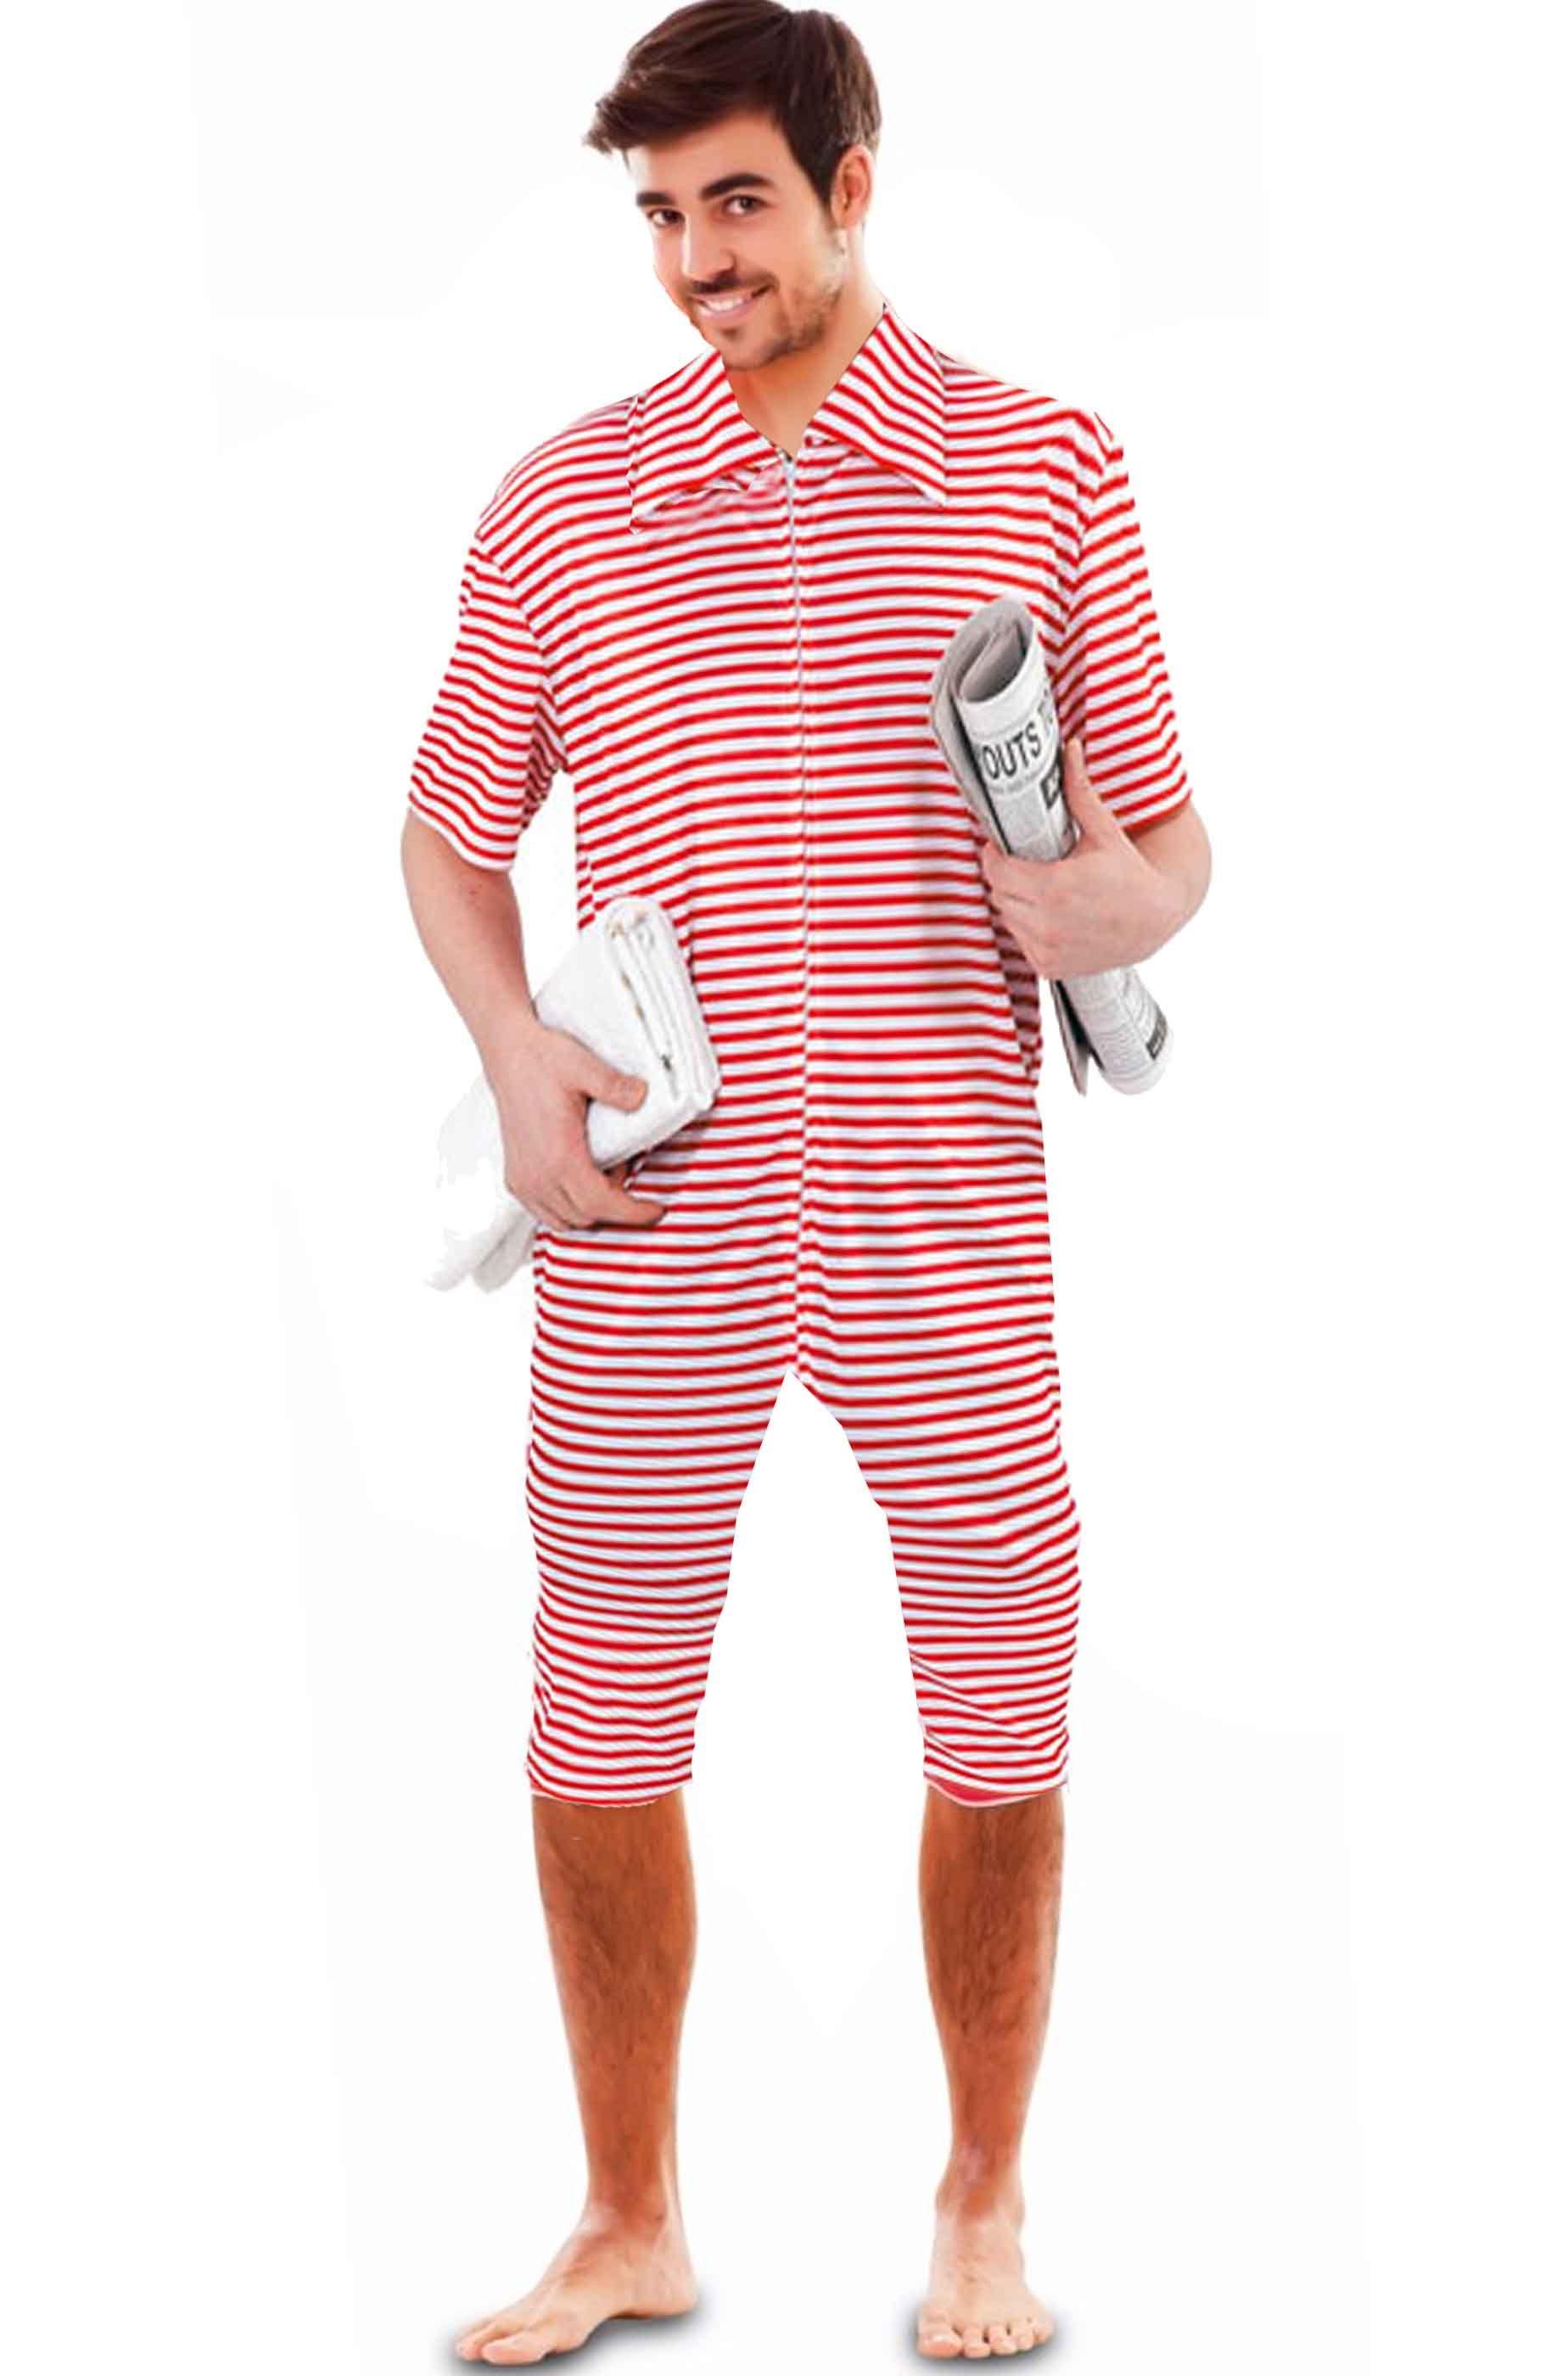 codice promozionale ac988 35845 costume da bagno adulto intero righe rosse anni 20 bagnino uomo forzuto